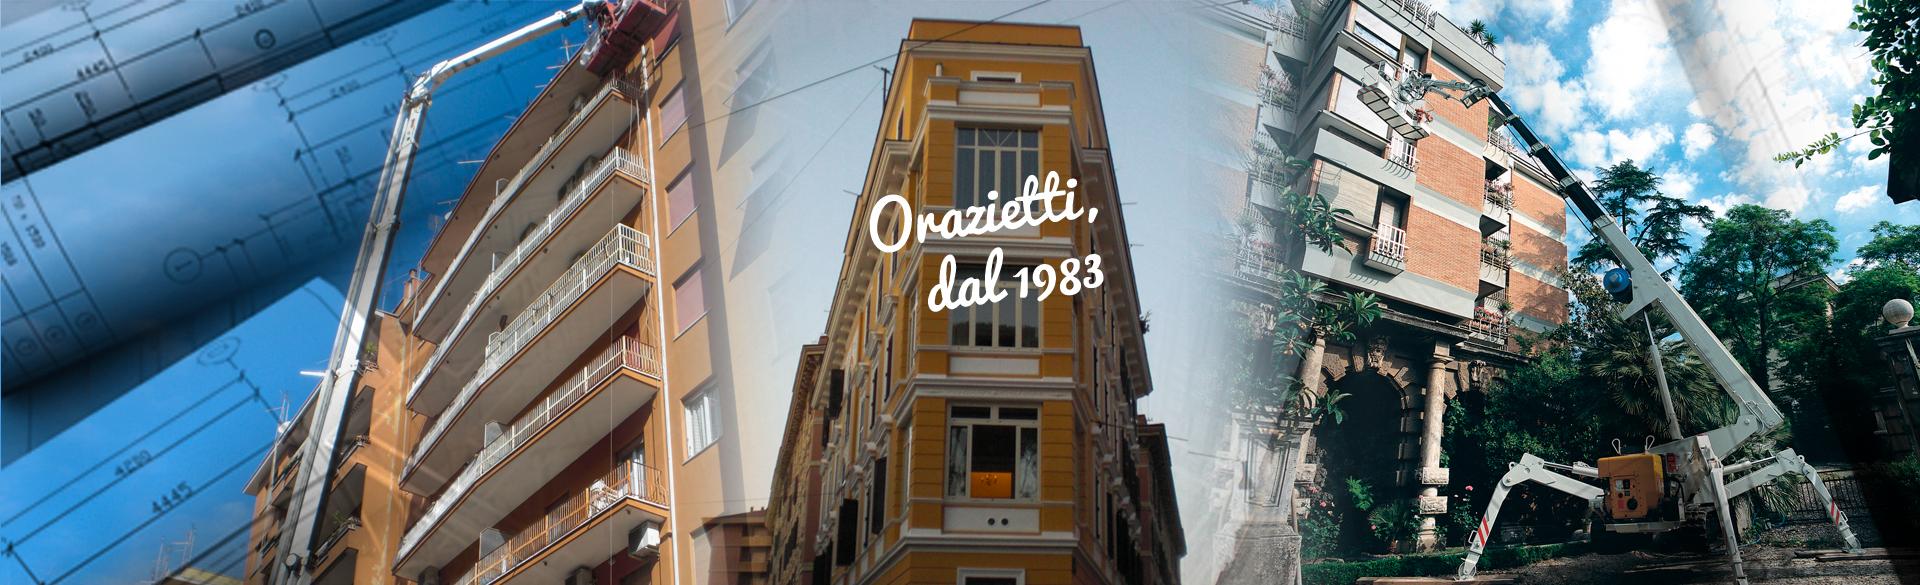 orazietti-dal1983